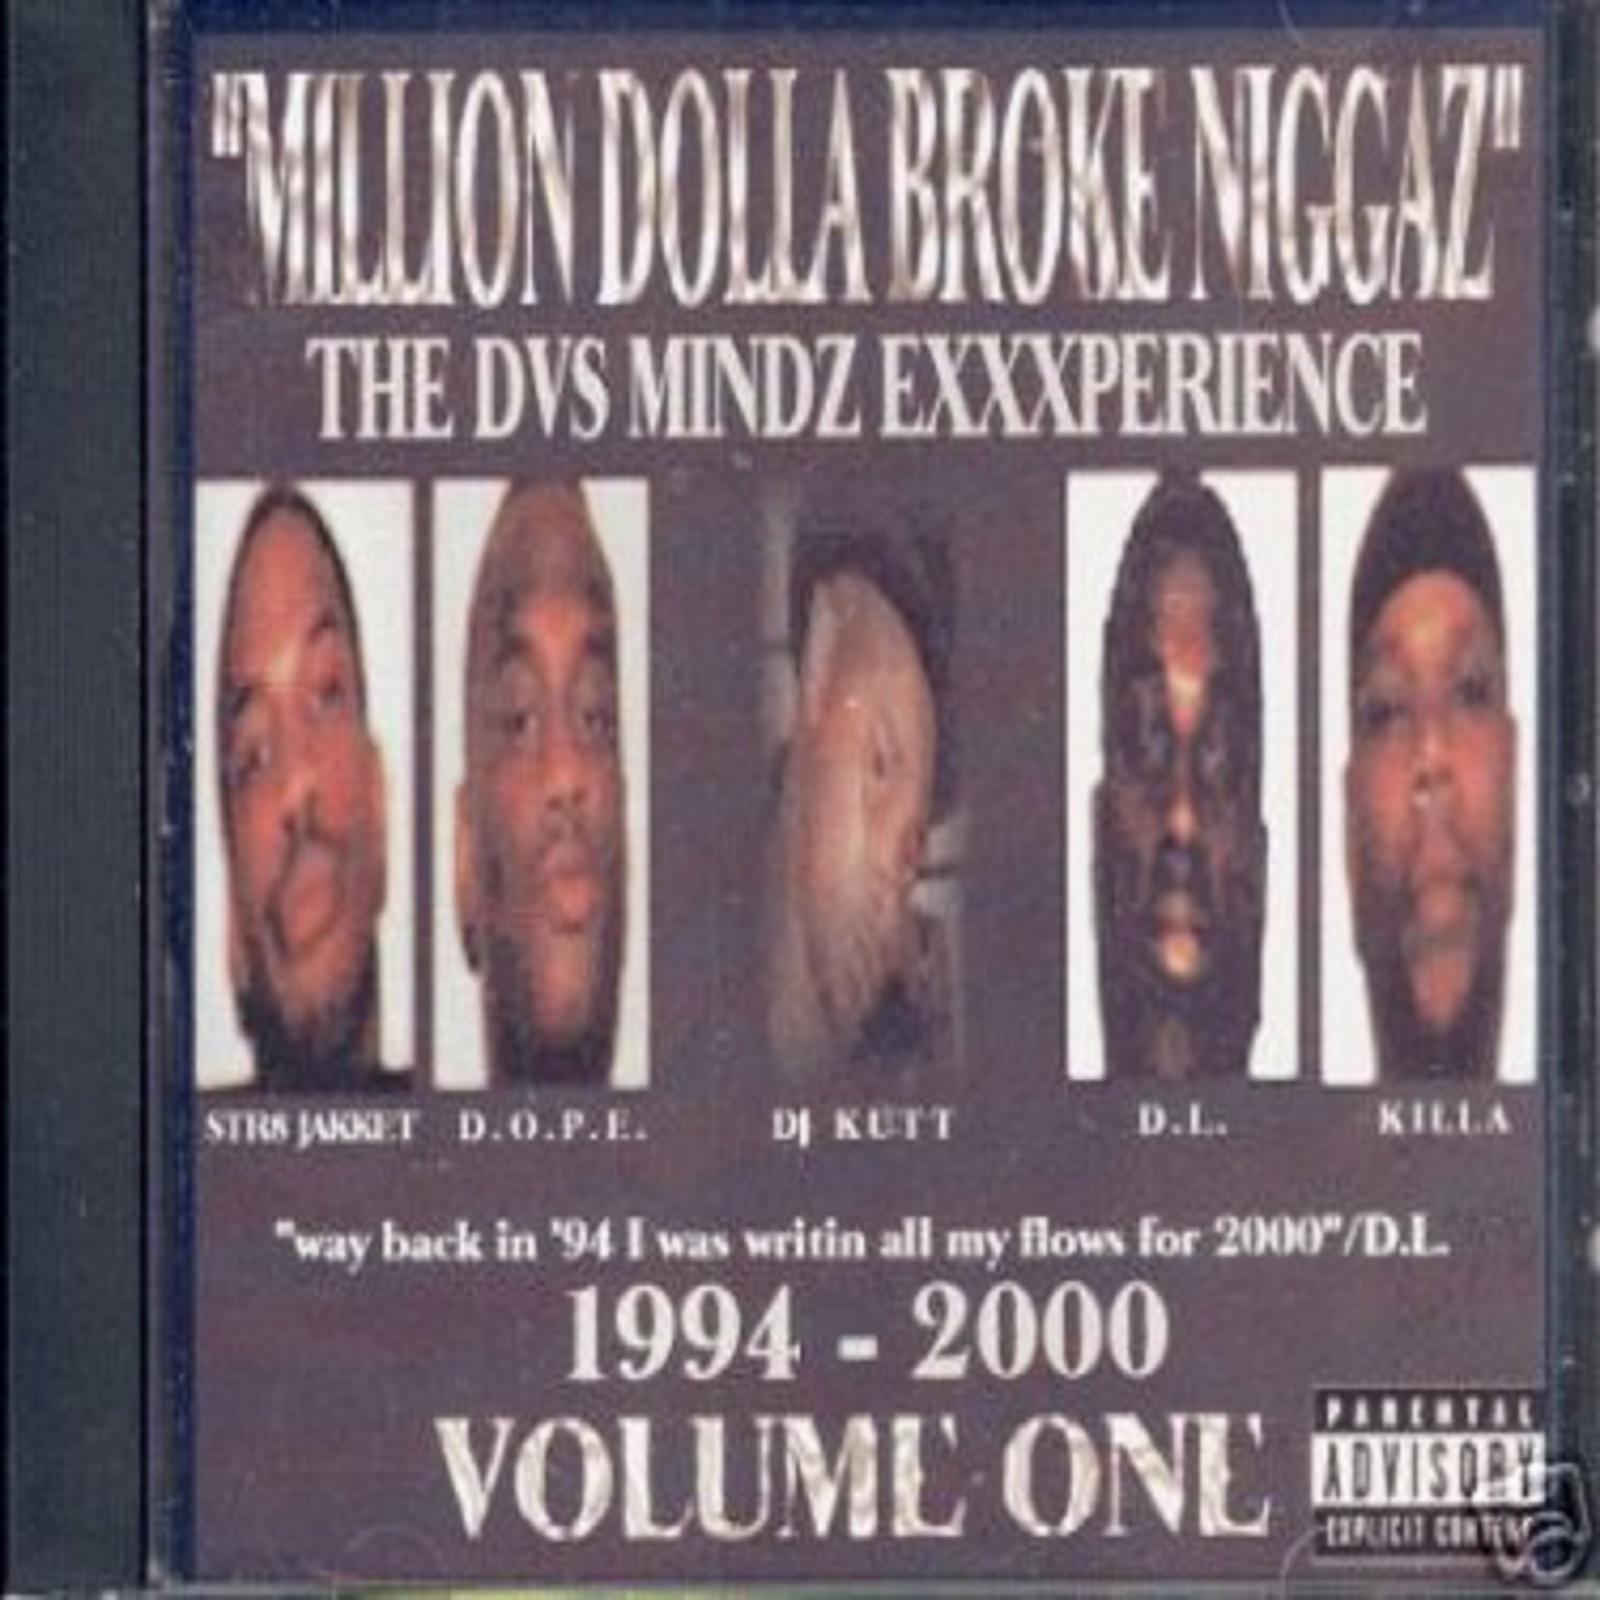 Million Dolla Broke Niggaz